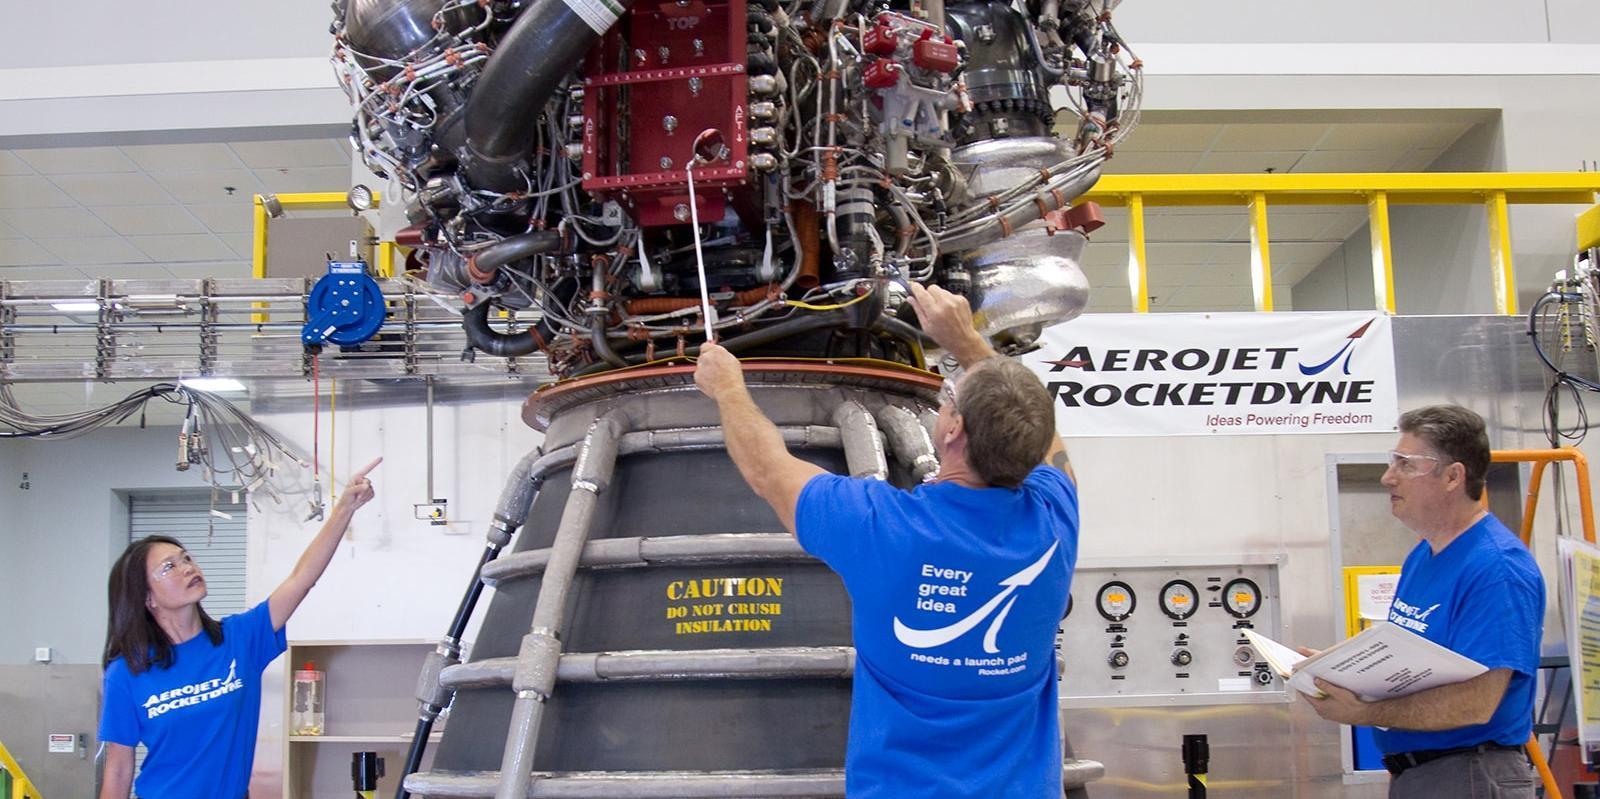 ロッキードマーティンがエアロジェット・ロケットダインを買収